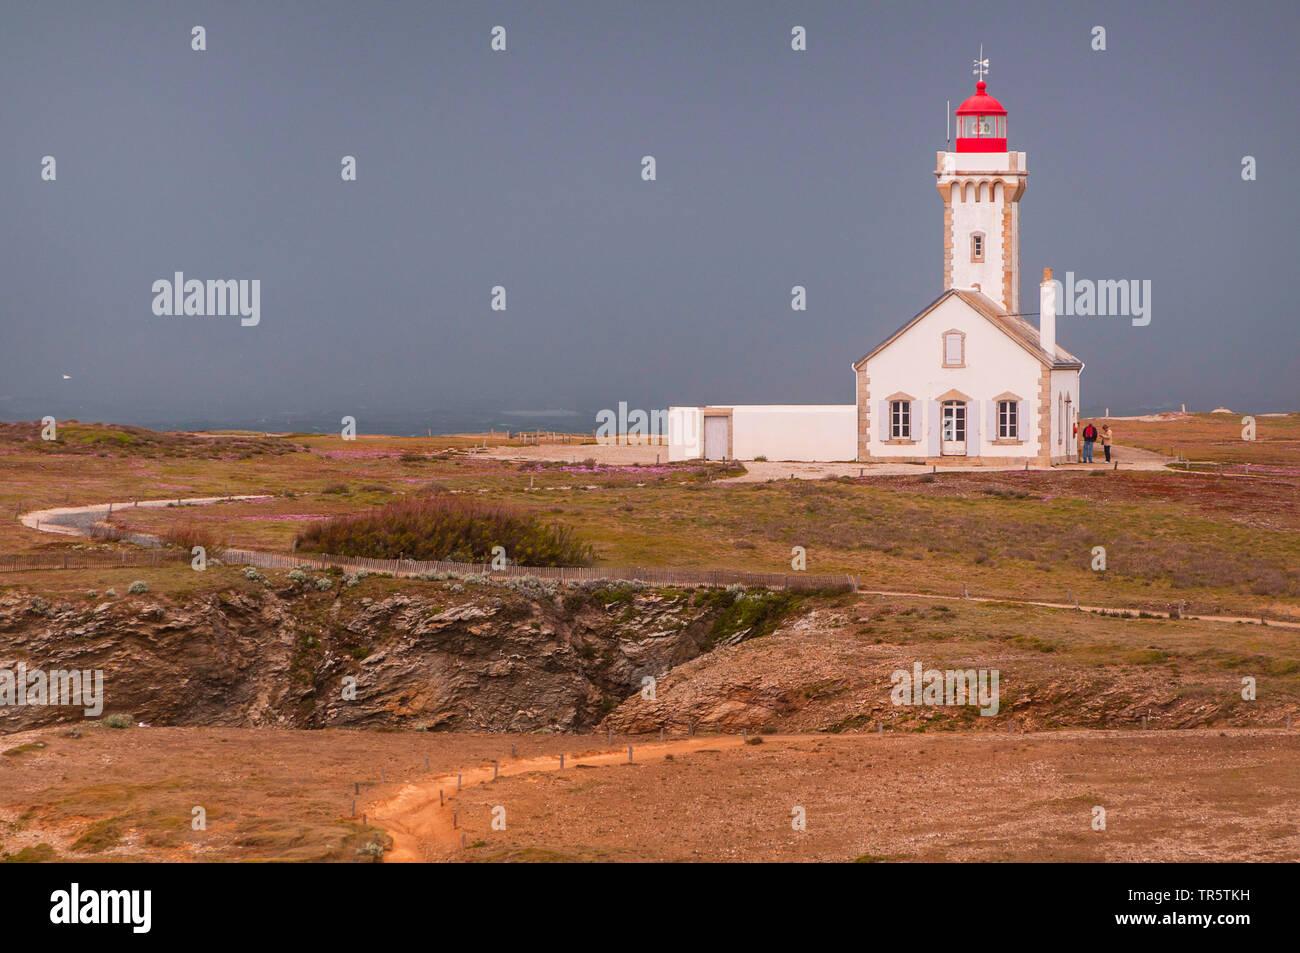 Leuchtturm Phare de Poulains, Frankreich, Bretagne, Morbihan, Belle-Ile-en-Mer | Phare des Poulains, Frankreich, Bretagne, Morbihan, Belle-Ile-en-Mer | B Stockbild